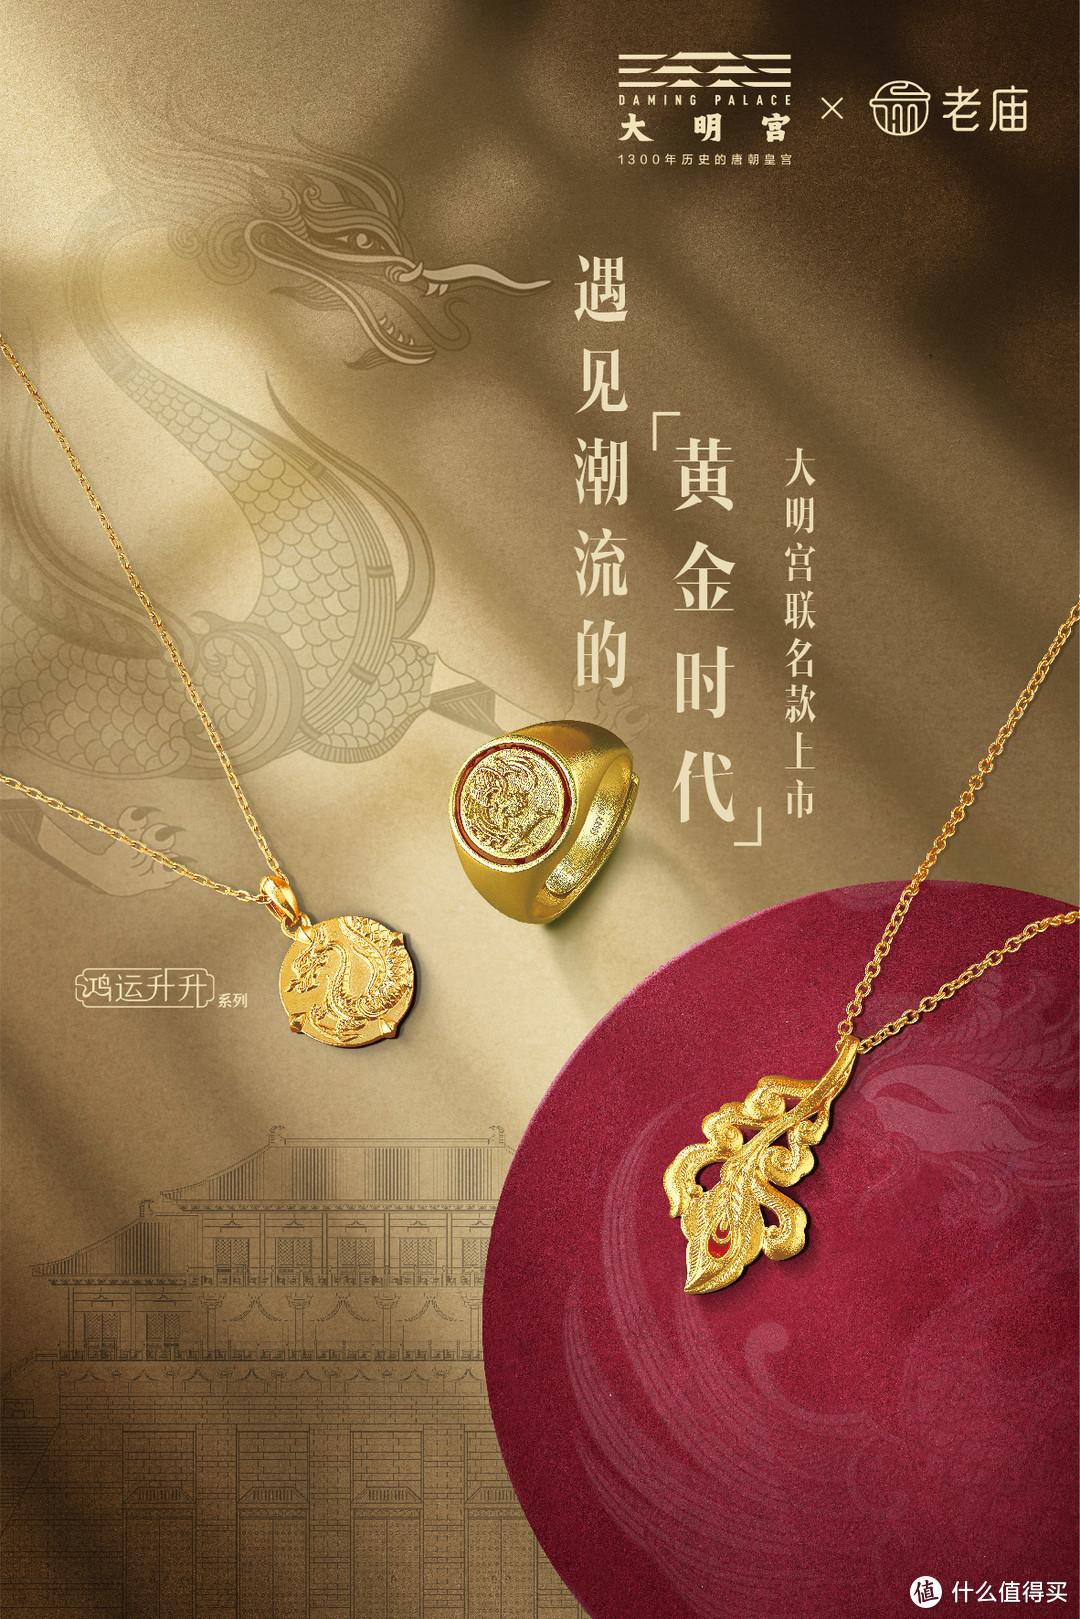 「风尚」当金饰联名传统文化,你会为哪款设计心动买单?